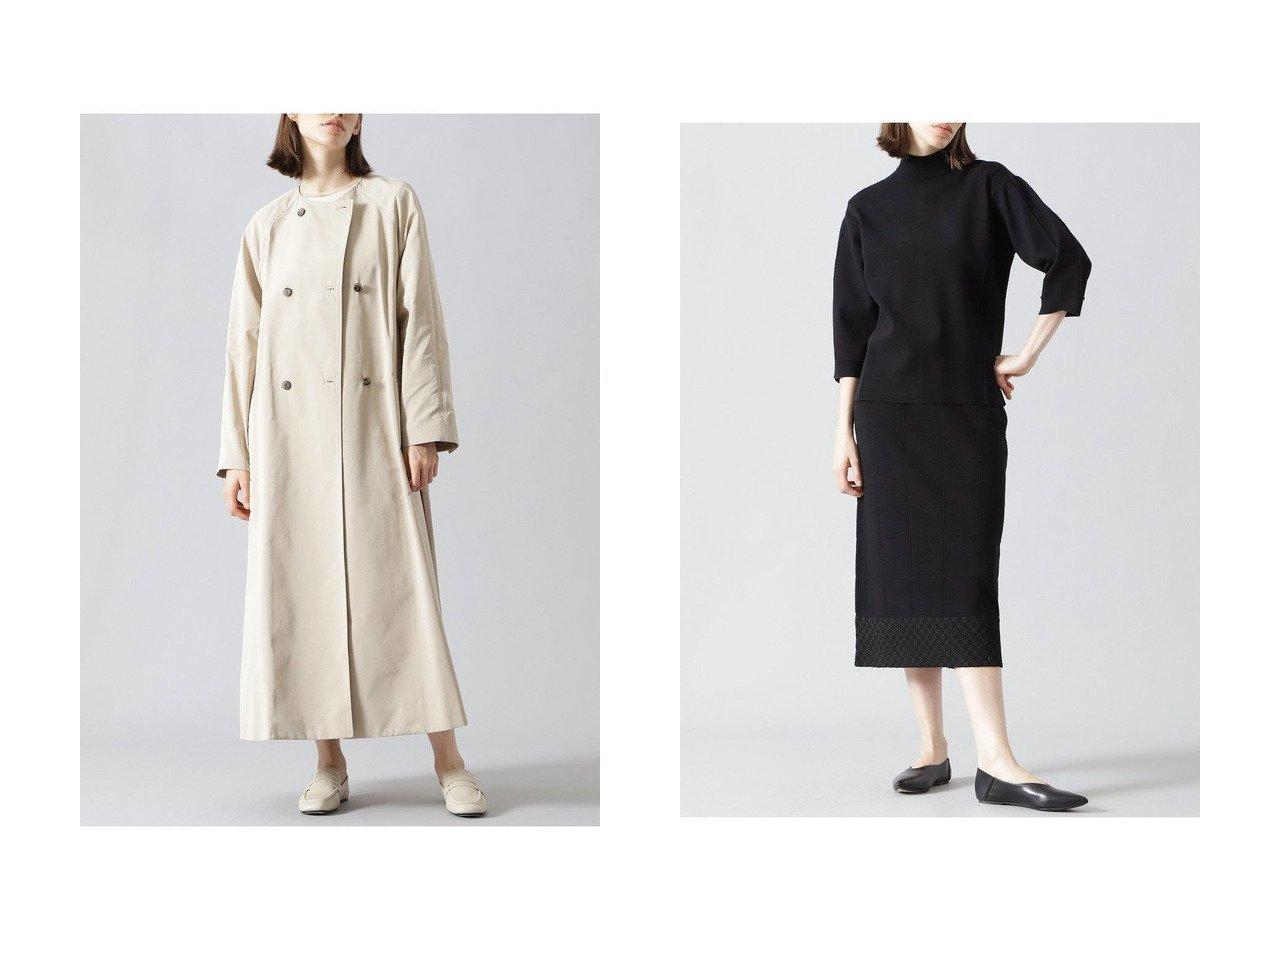 【ADORE/アドーア】のテクニカルストレッチニットスカート&メモリーグログランコート ADOREのおすすめ!人気、トレンド・レディースファッションの通販 おすすめで人気の流行・トレンド、ファッションの通販商品 メンズファッション・キッズファッション・インテリア・家具・レディースファッション・服の通販 founy(ファニー) https://founy.com/ ファッション Fashion レディースファッション WOMEN アウター Coat Outerwear コート Coats スカート Skirt ロングスカート Long Skirt 2021年 2021 2021 春夏 S/S SS Spring/Summer 2021 S/S 春夏 SS Spring/Summer グログラン シアー タフタ トレンド ドッキング ロング 春 Spring  ID:crp329100000019845